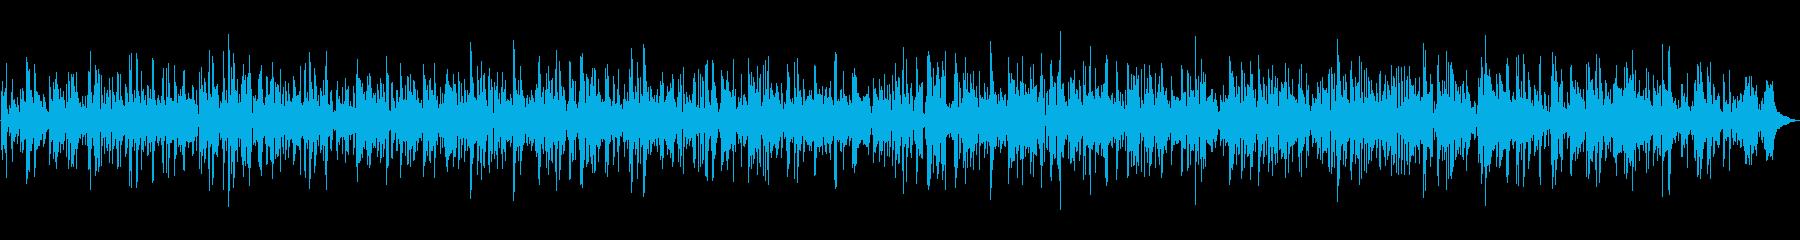 癒しJAZZ&ボサノバ・店舗用・映像作品の再生済みの波形